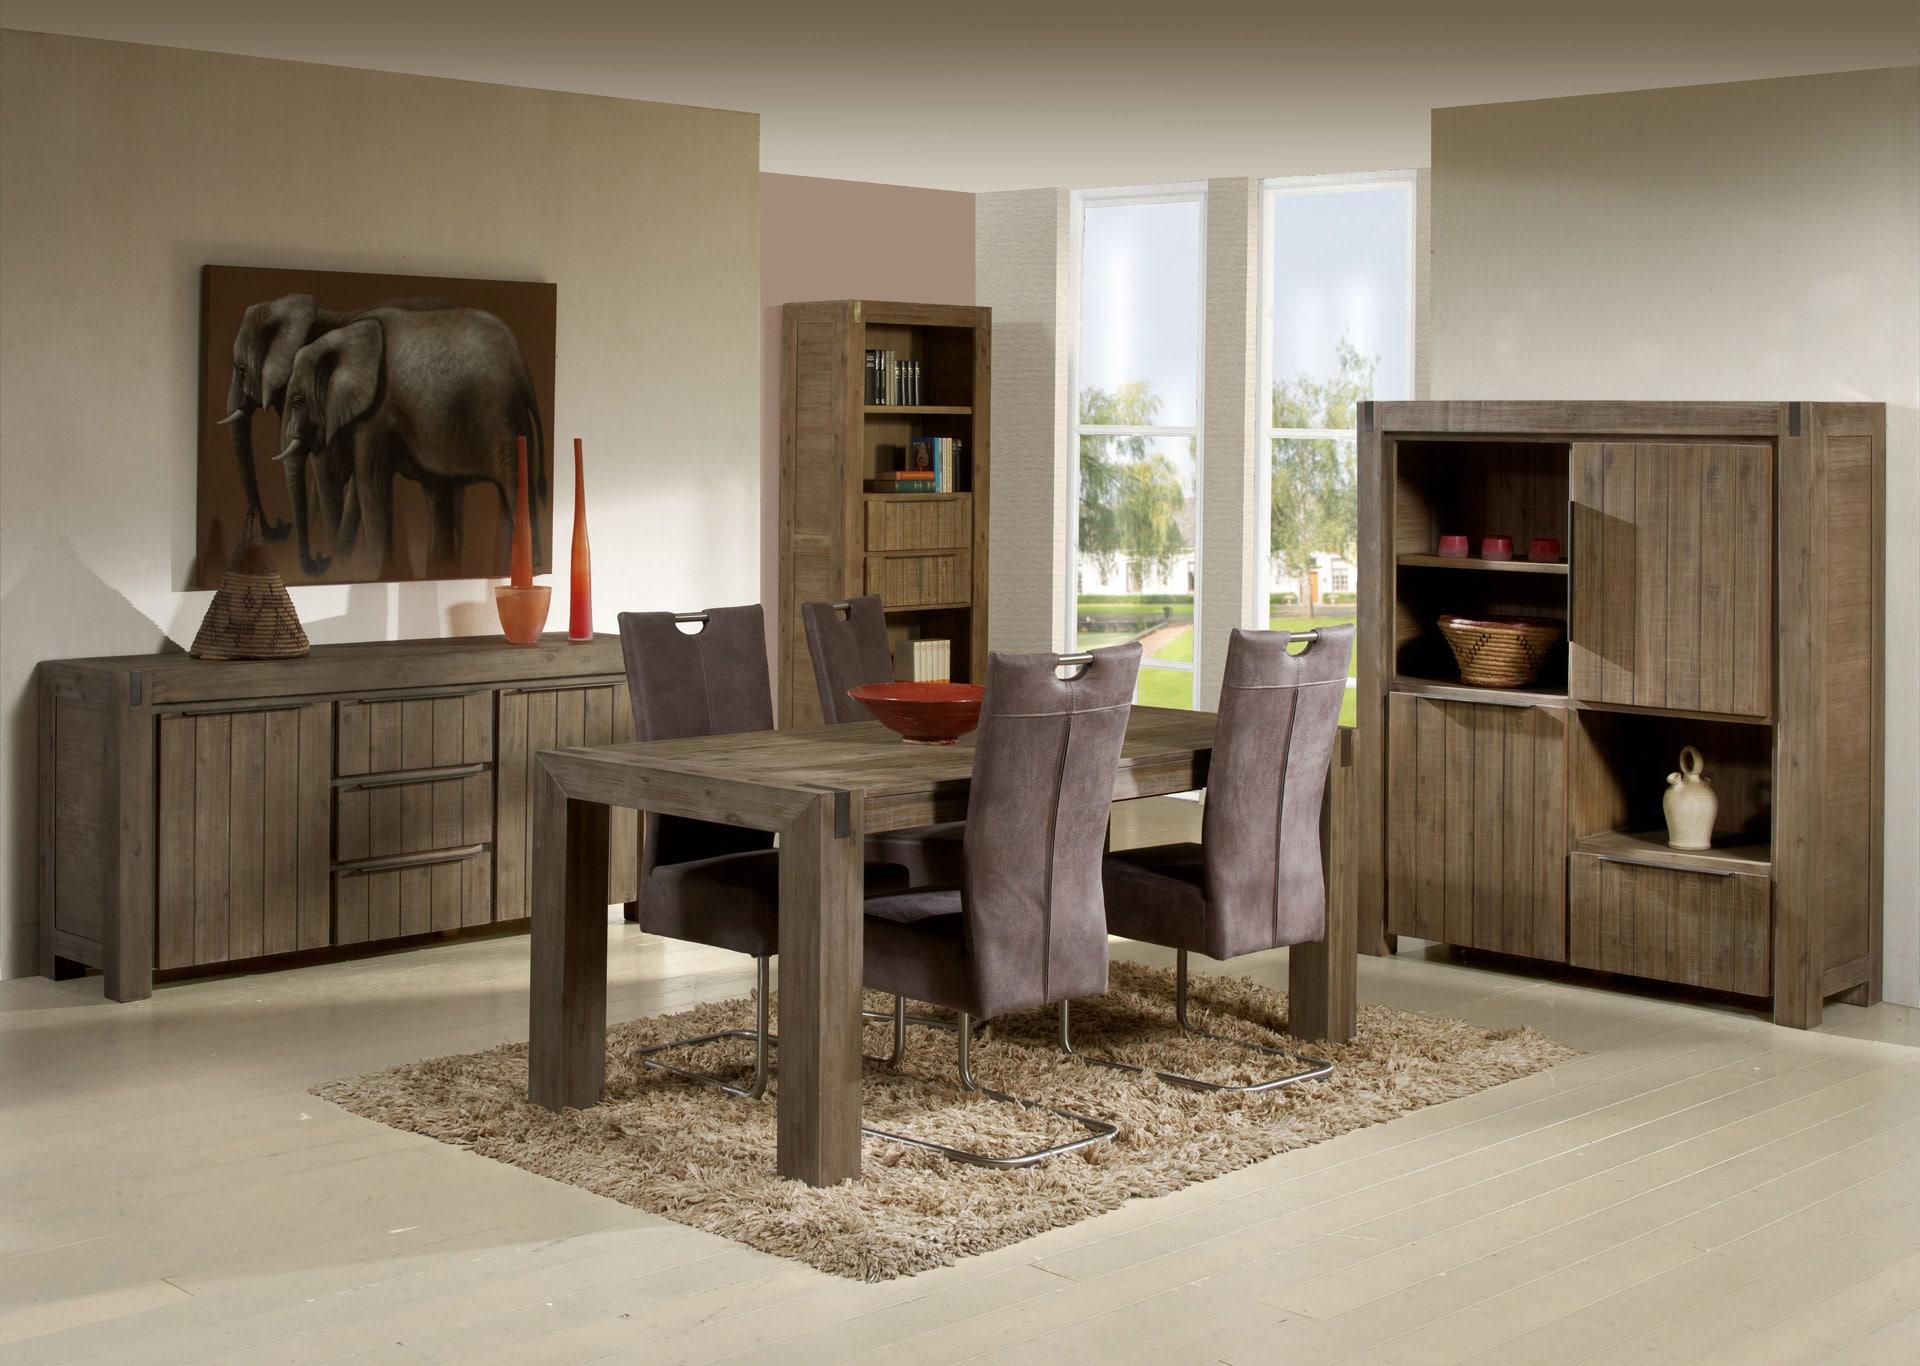 Le meuble en bois massif une valeur s re le blog matelpro for Meuble valeur